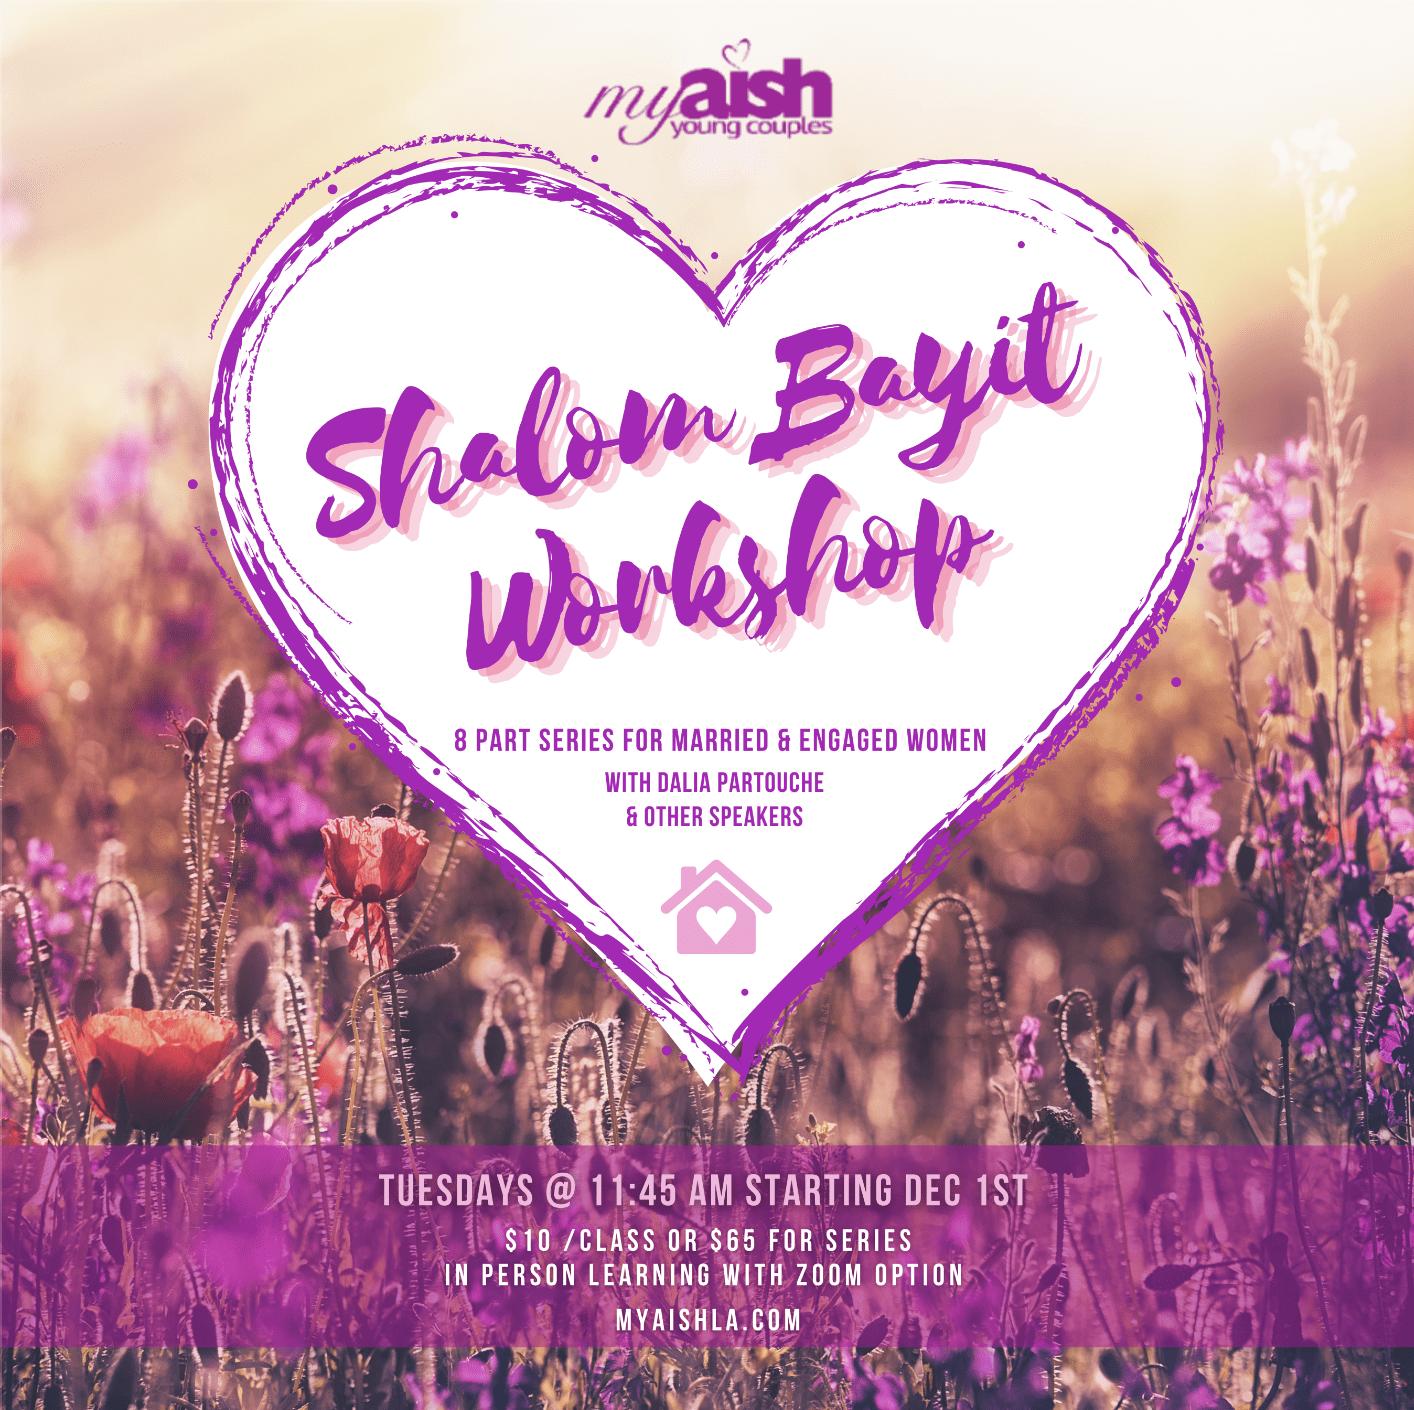 Shalom Bayit Workshop with Dalia